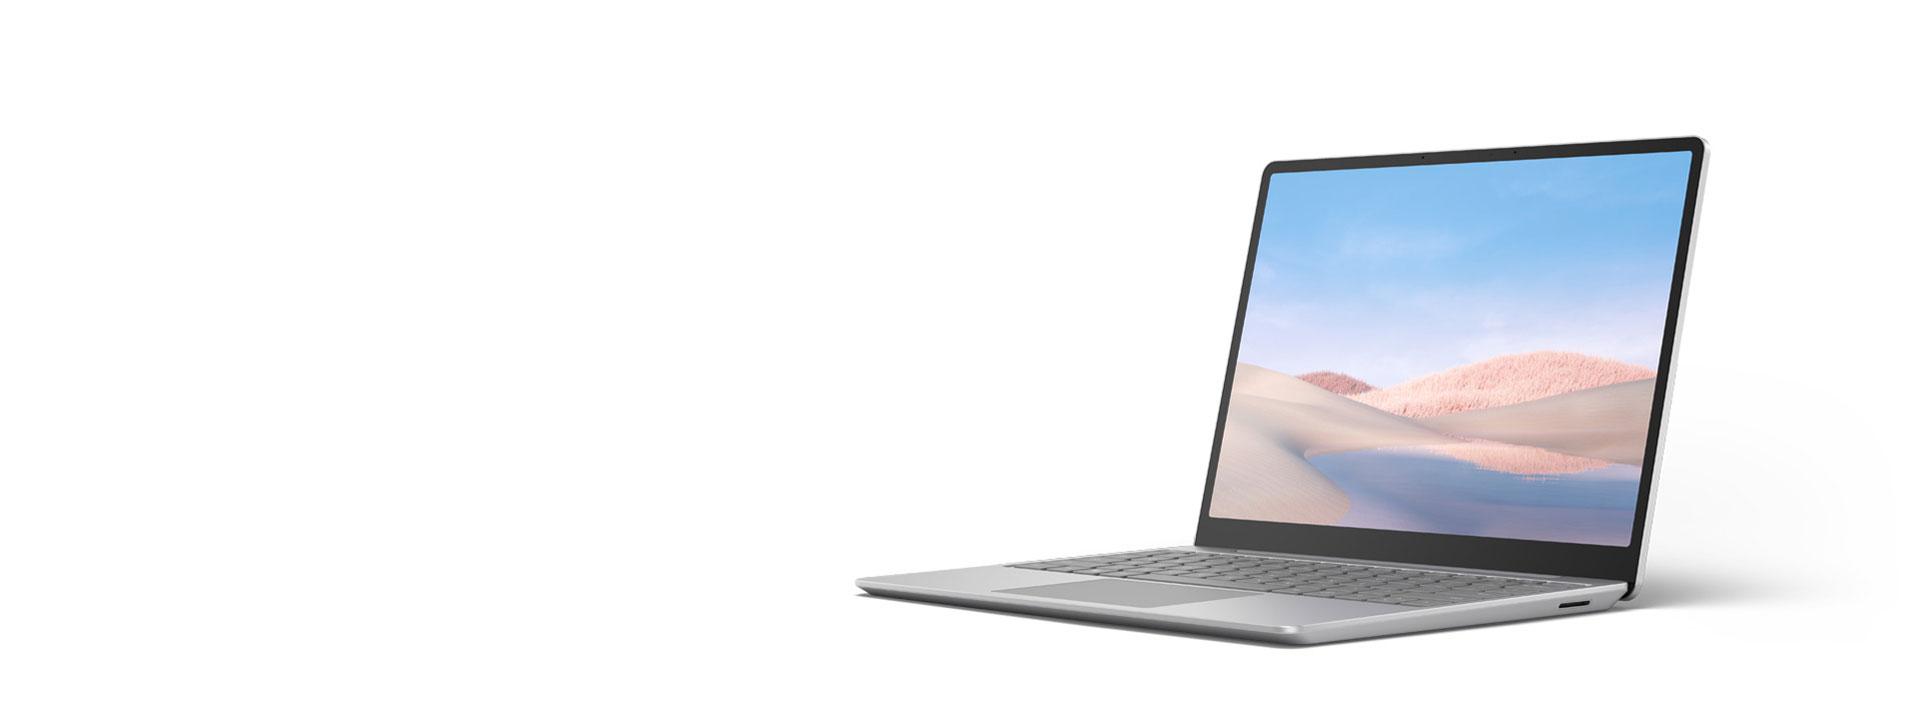 亮铂金 Surface Laptop Go